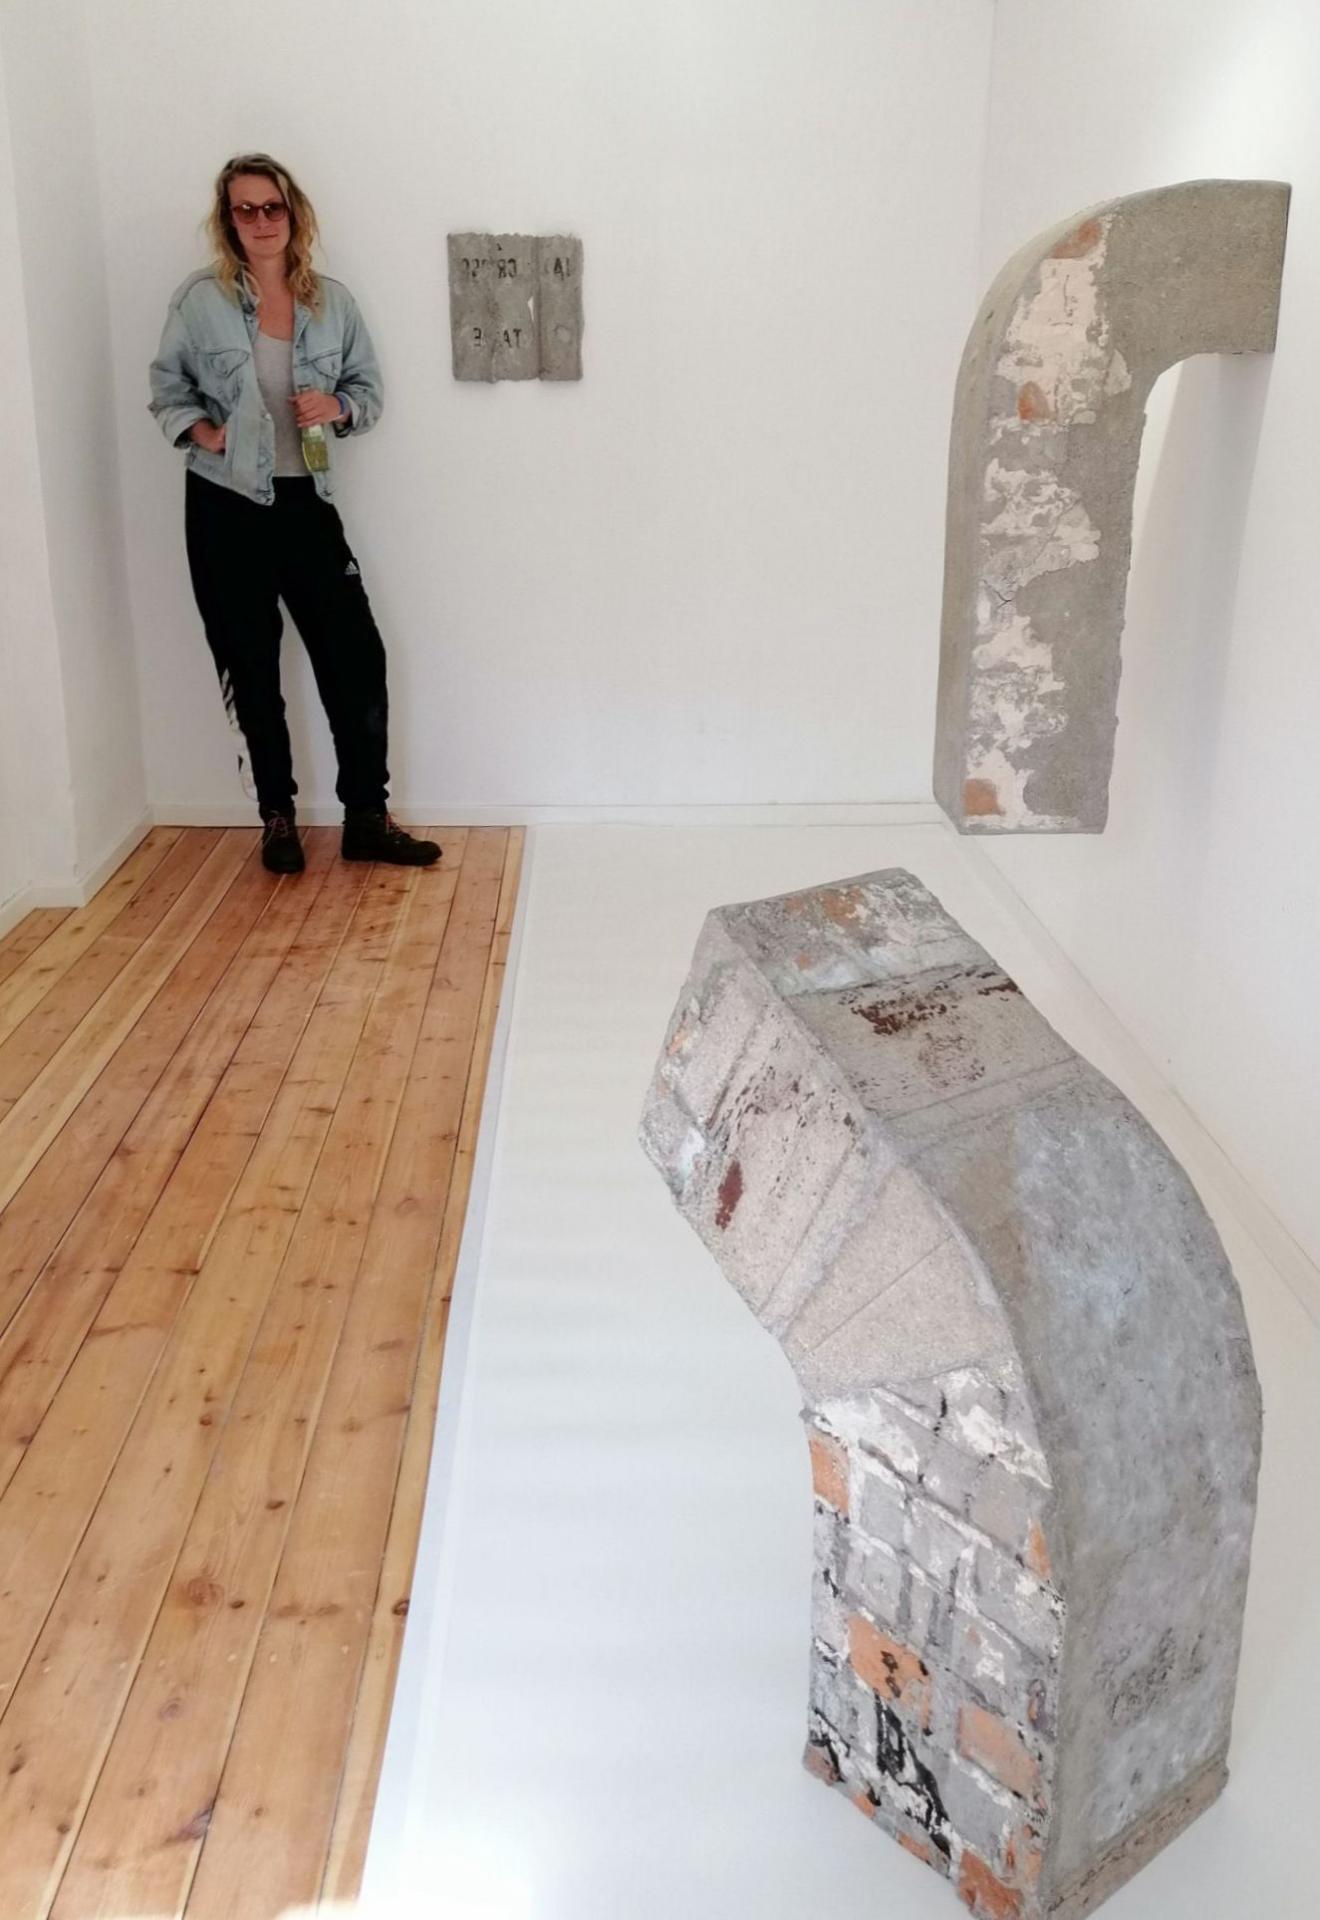 Aus Pappmaschee formt Julia Eichler ihre Objekte, die schwergewichtig wirken. Inzwischen sind ihre Arbeiten und die von Alex Besta abgebaut, neue Residenz-Künstler werden erwartet.